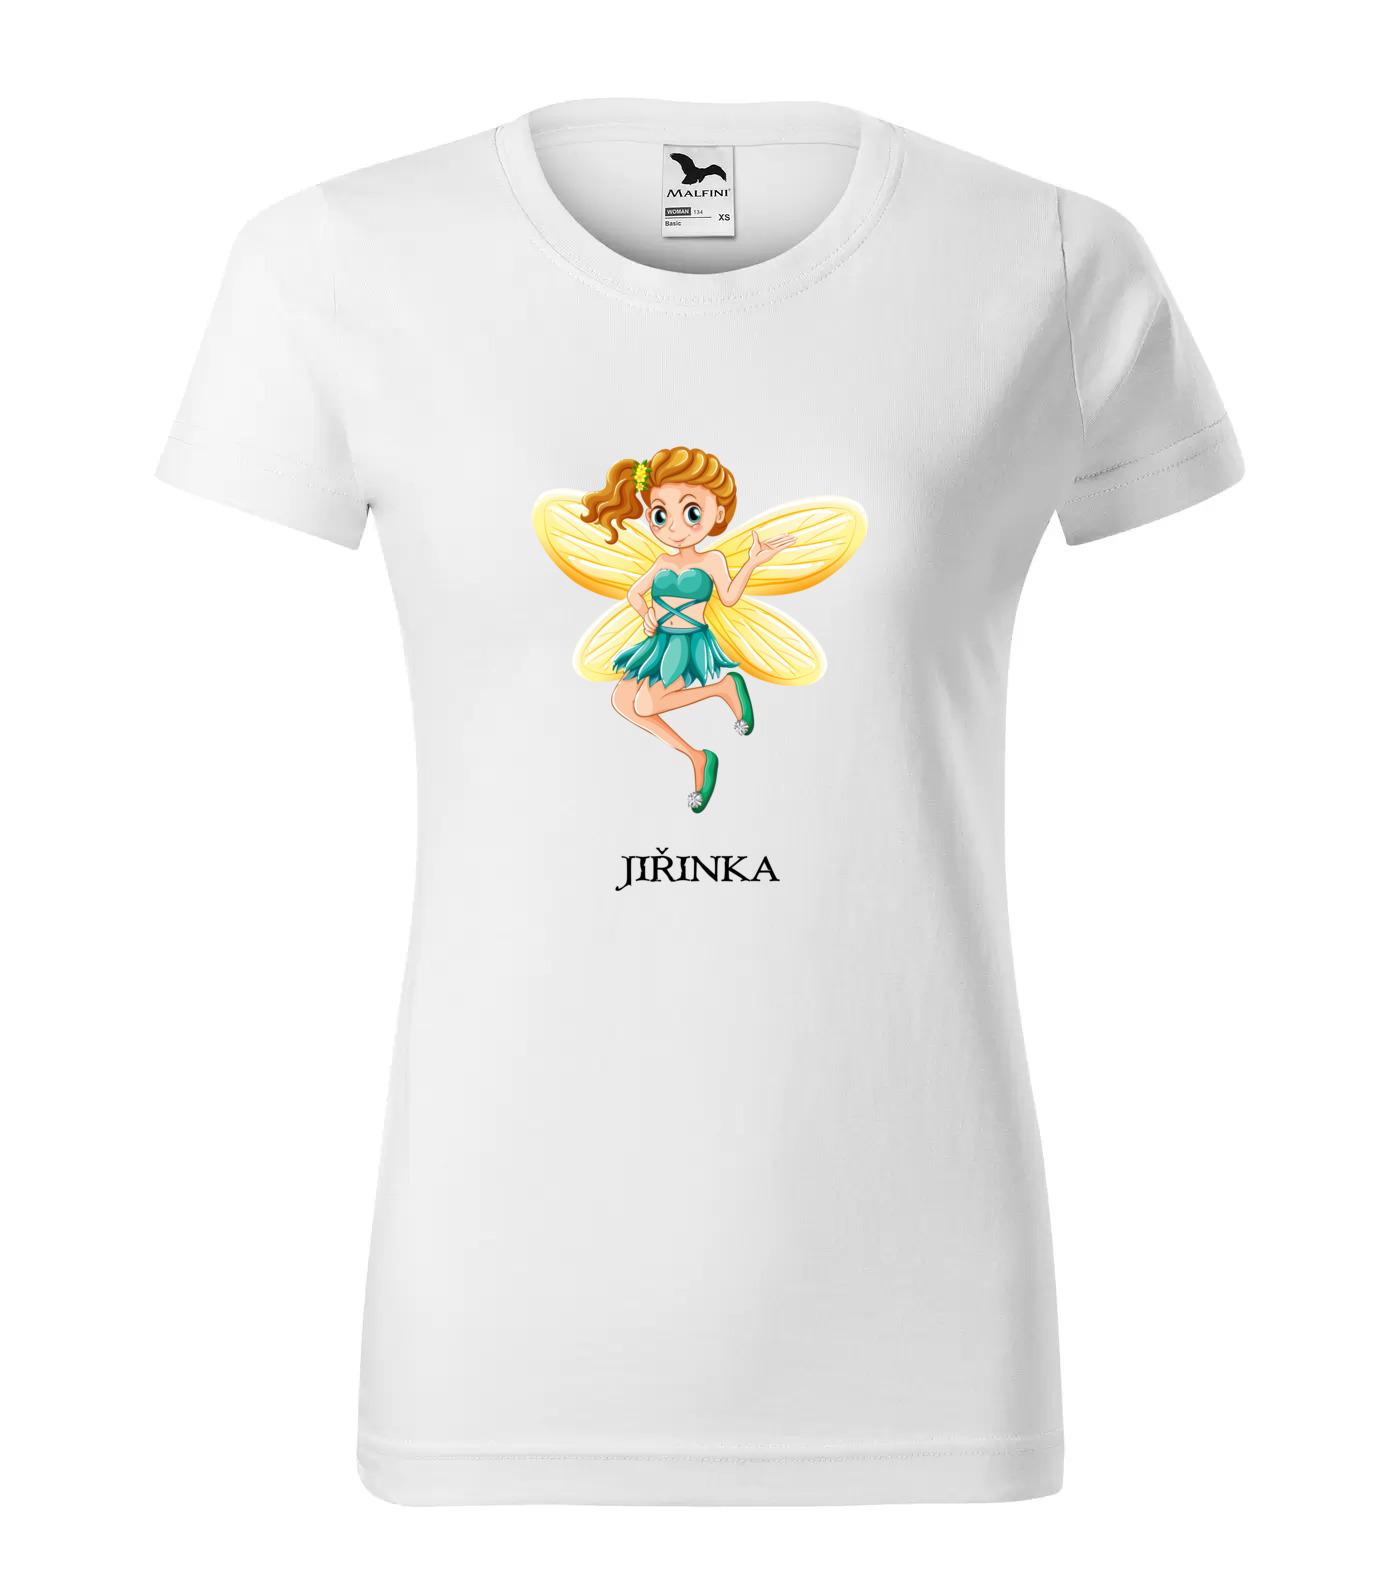 Tričko Víla Jiřinka